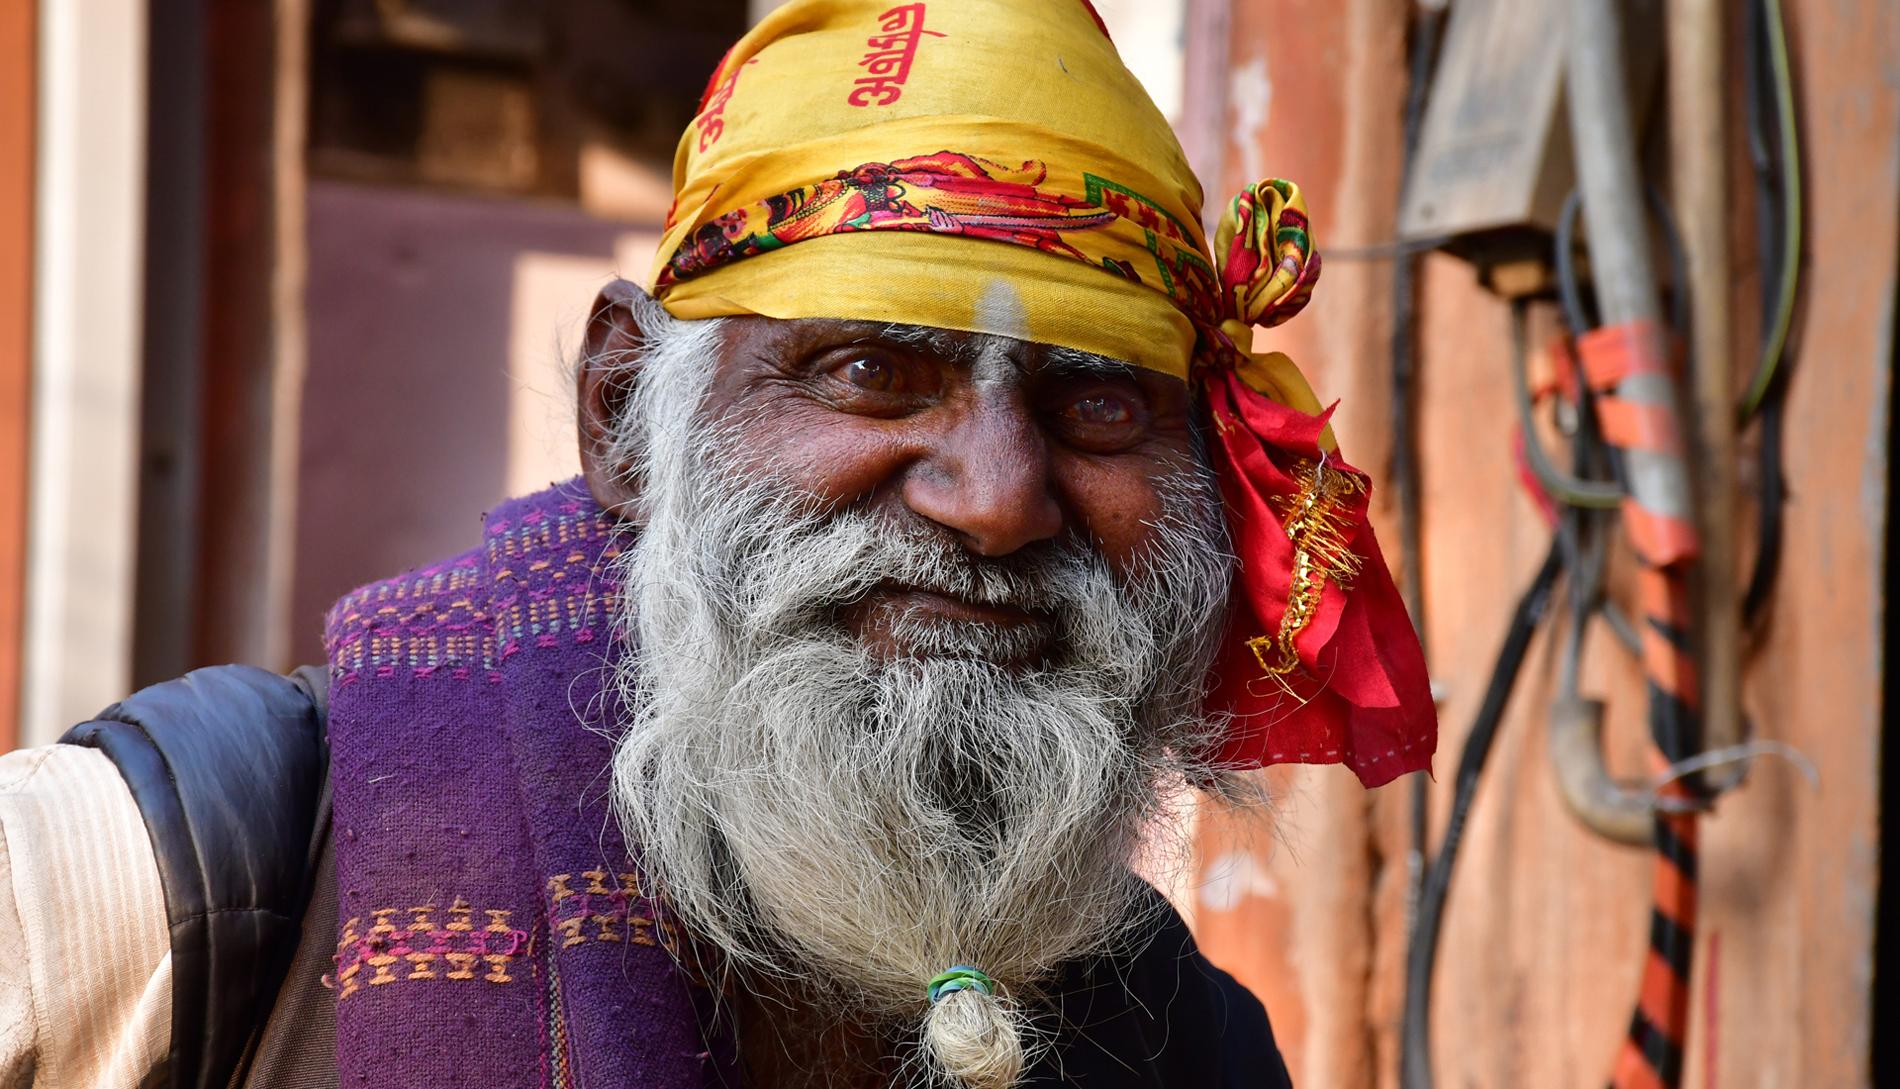 הודו - יואל שתרוג - אדמה יוצרת - yoel sitruk